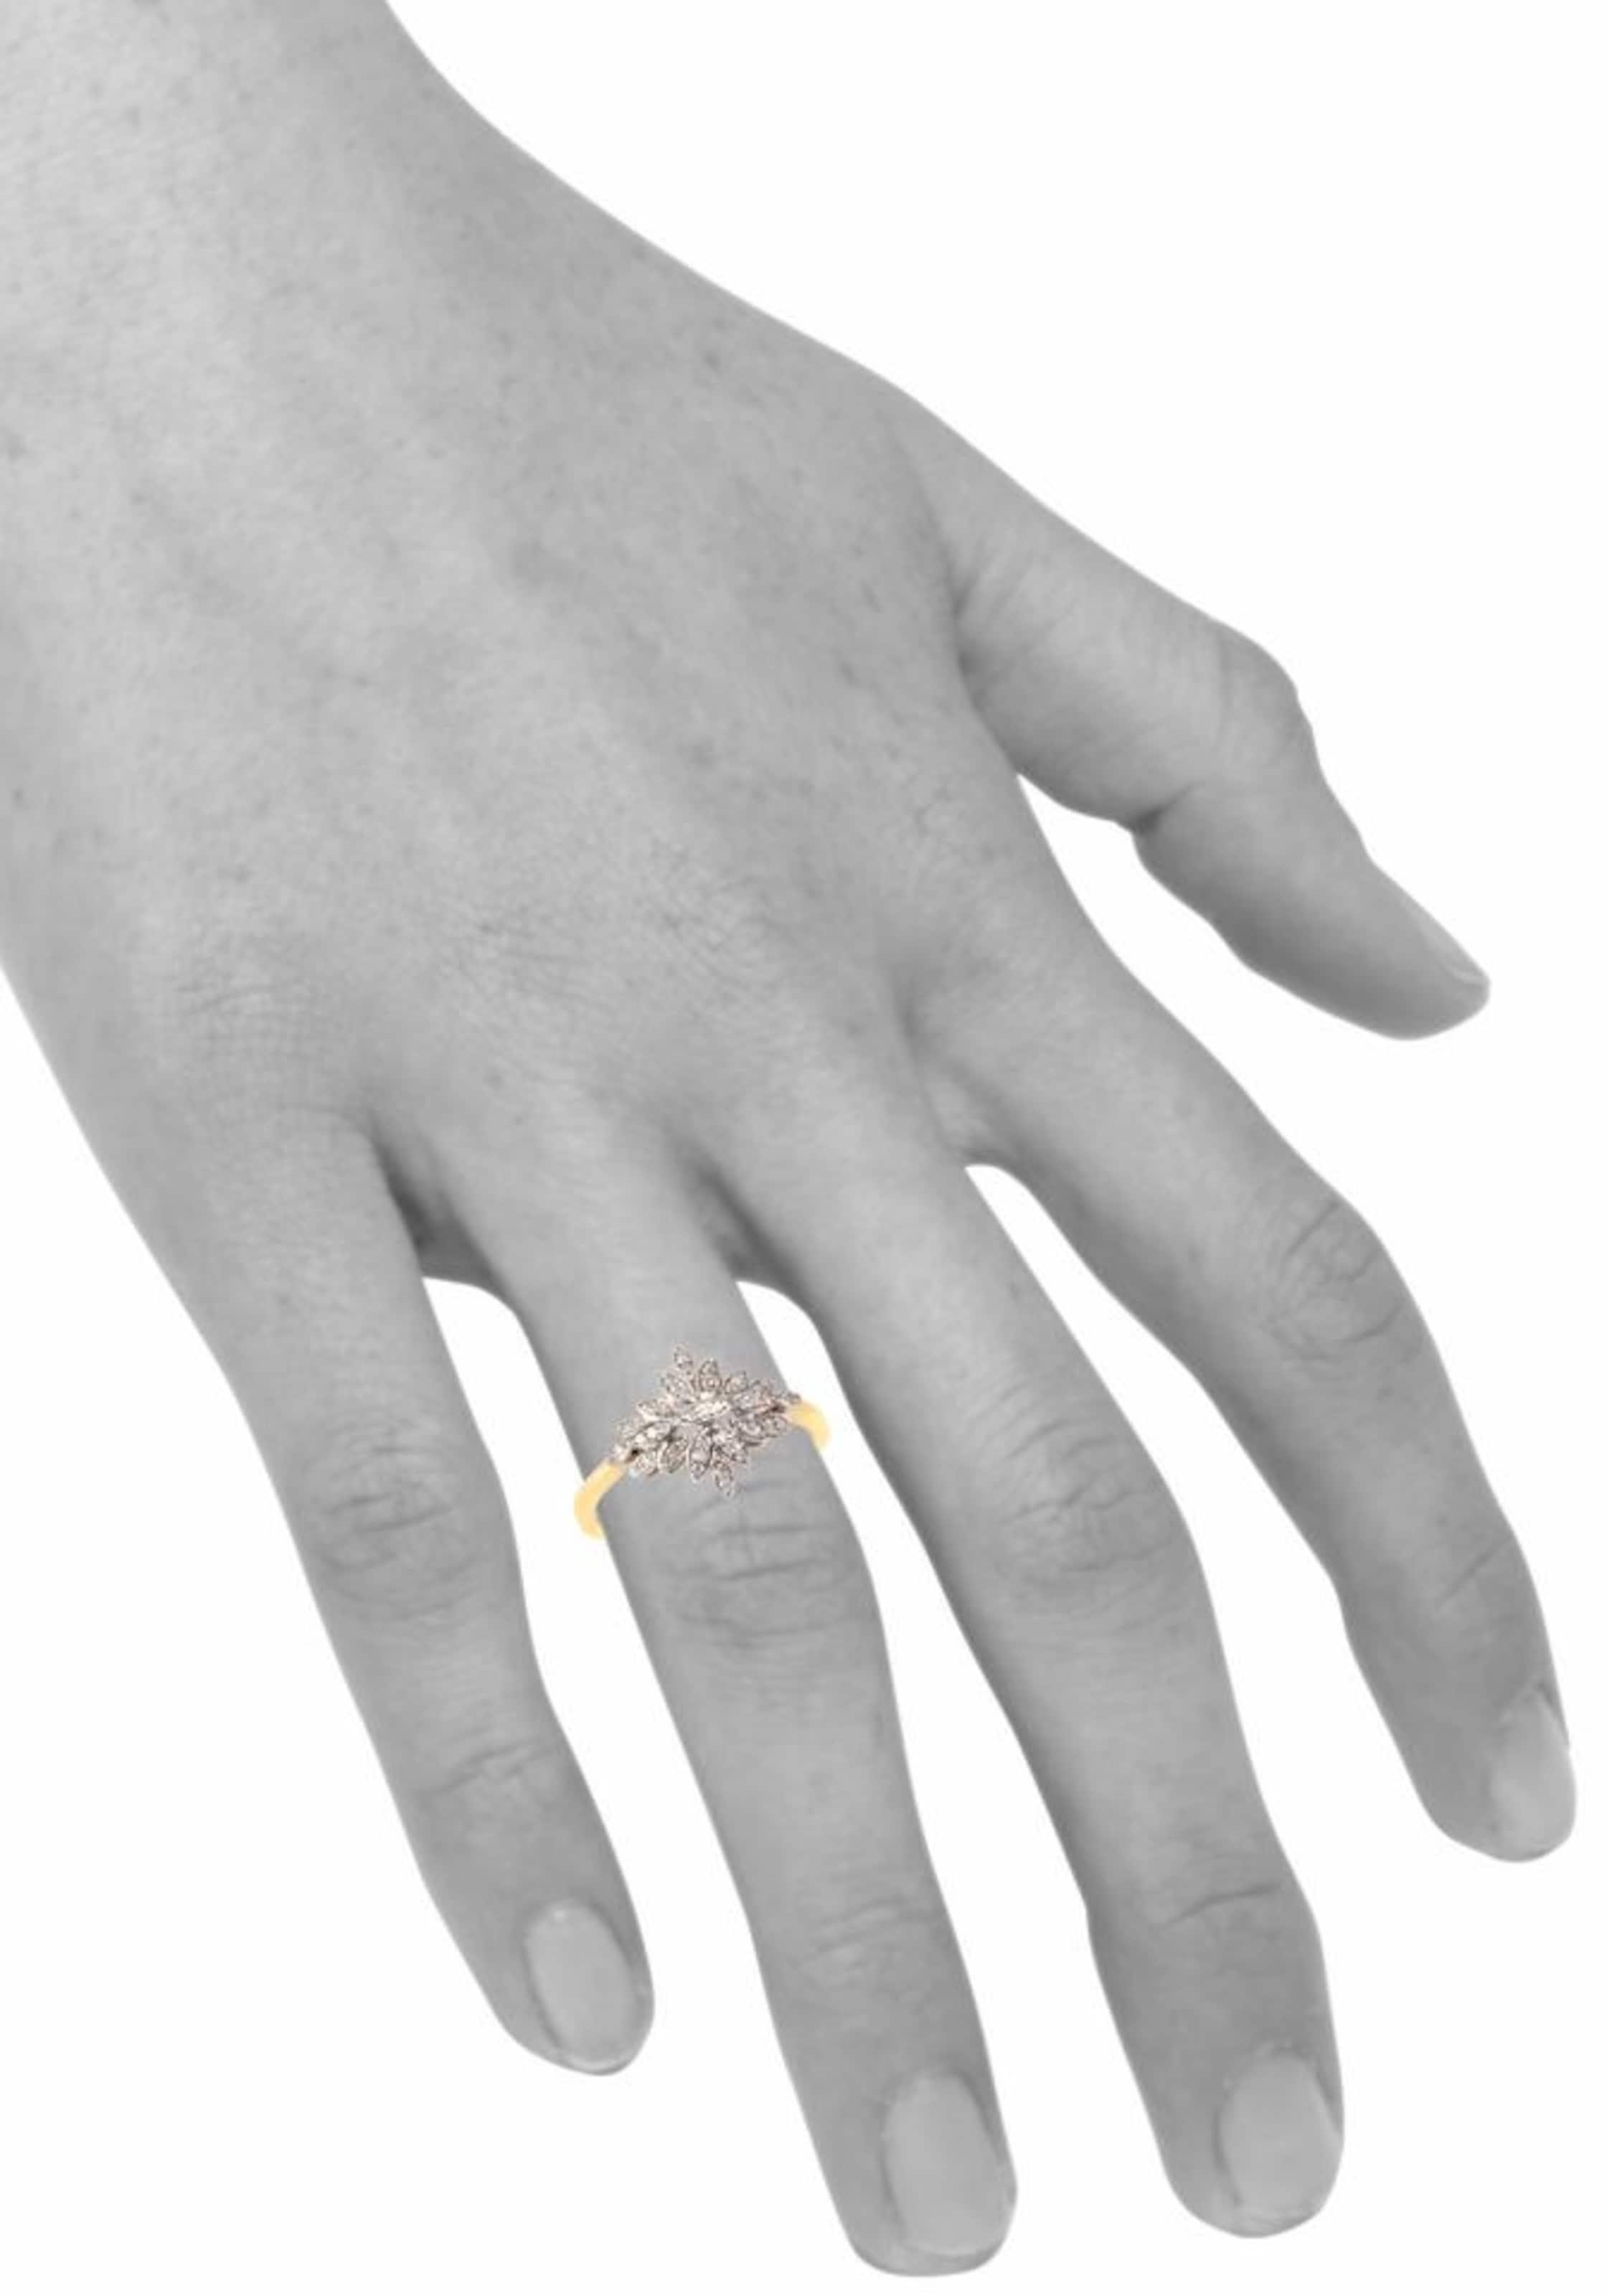 Neu Zu Verkaufen Online Ansehen FIRETTI Diamantring Original-Verkauf Wo Billige Echte Kaufen JUaVzmGu8c